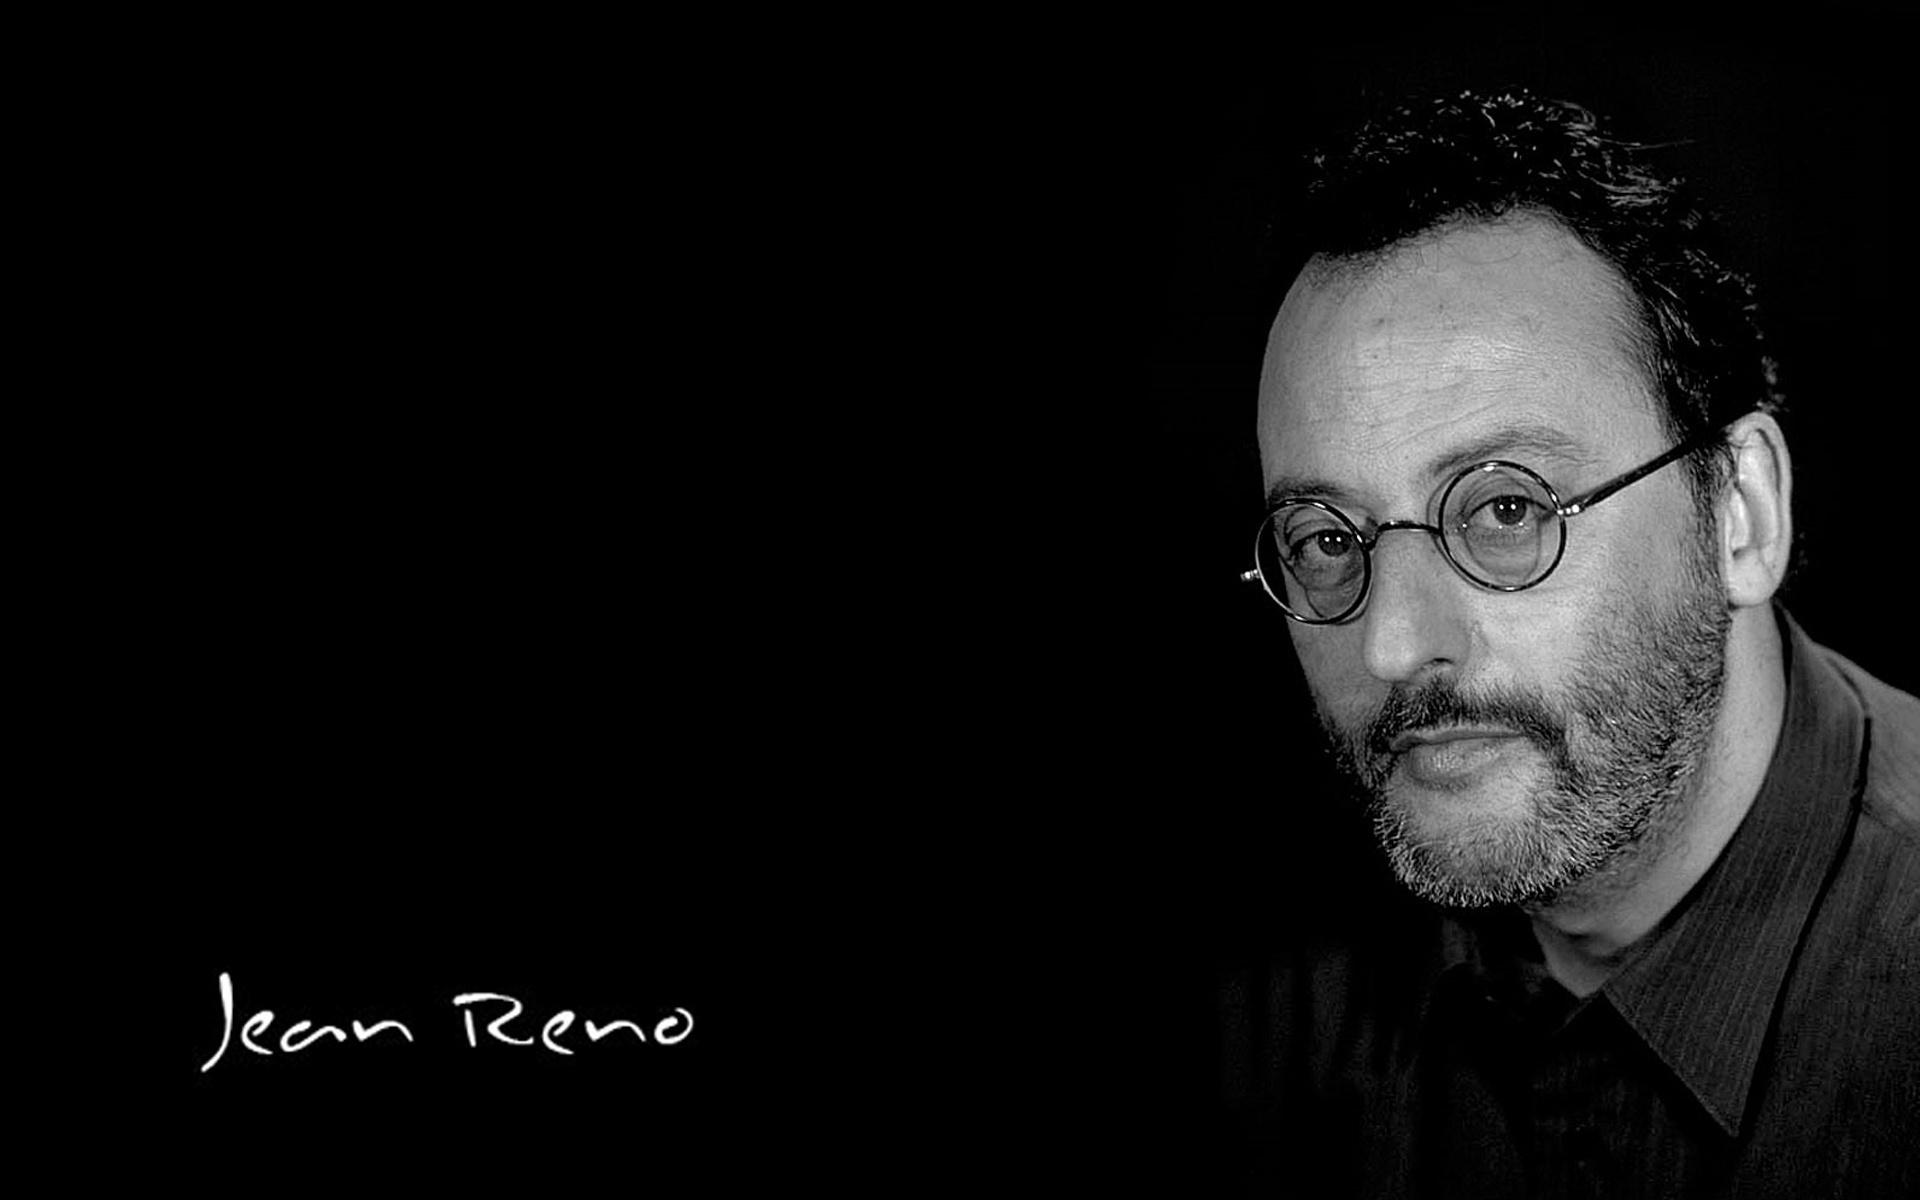 Jean Reno's quote #4